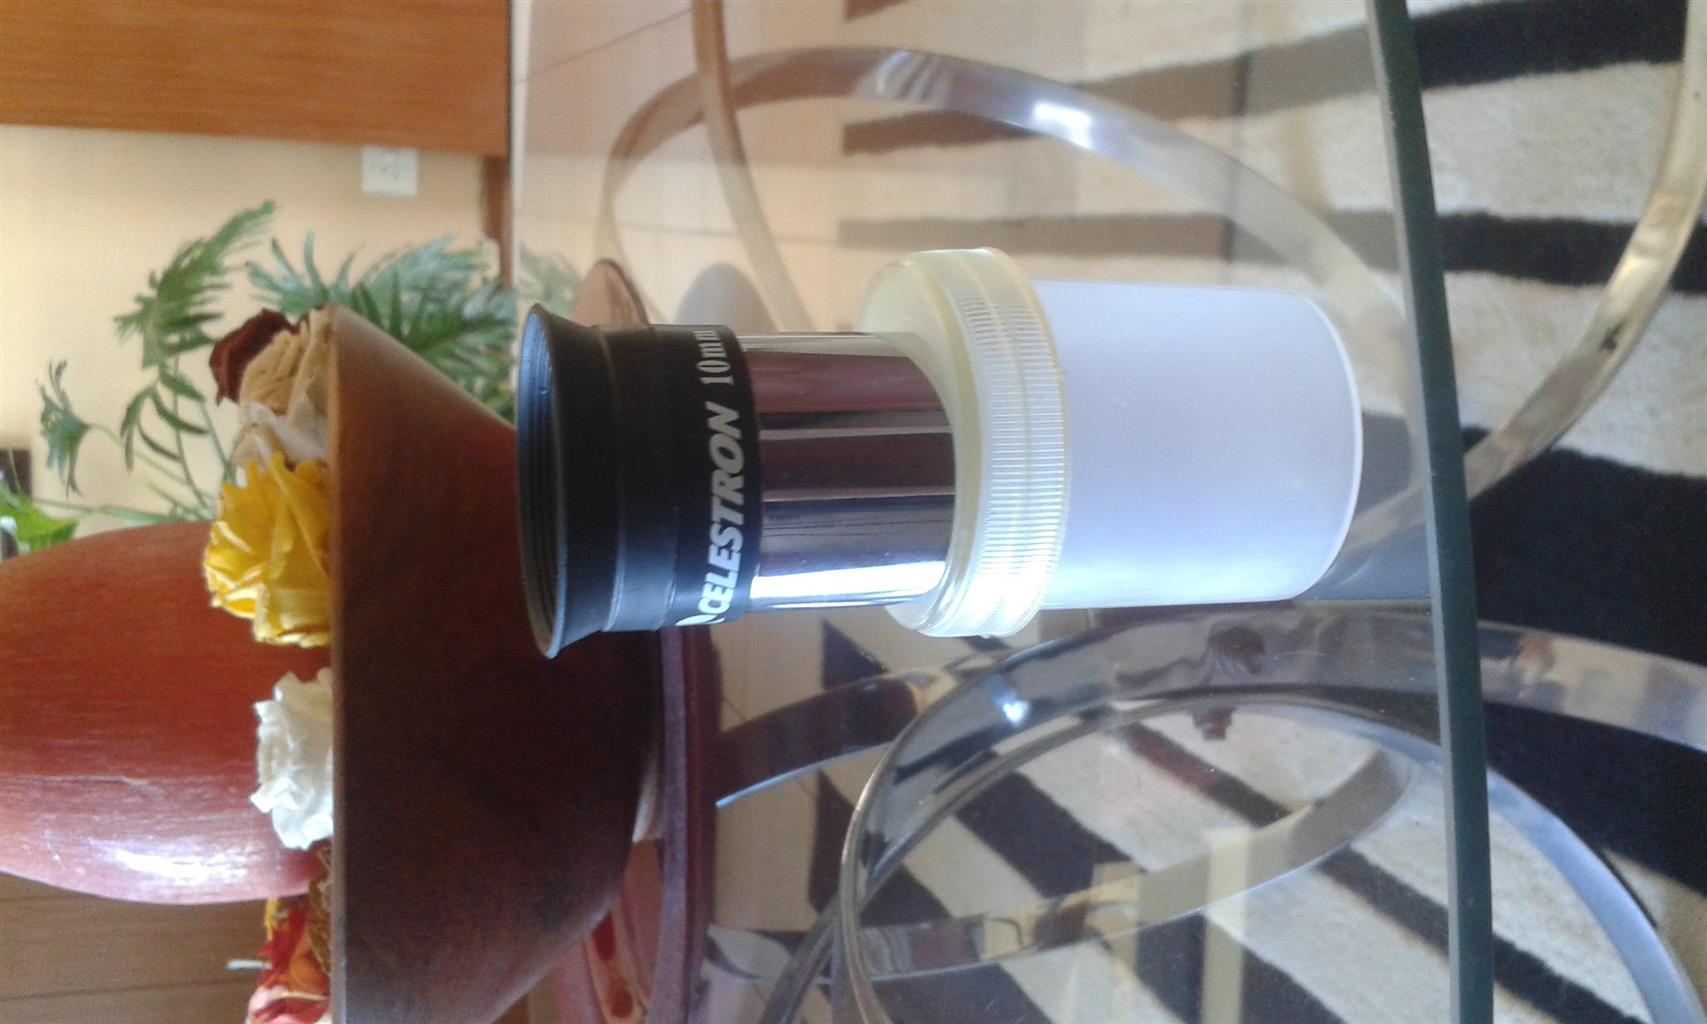 Celestron 10mm lens for telescope